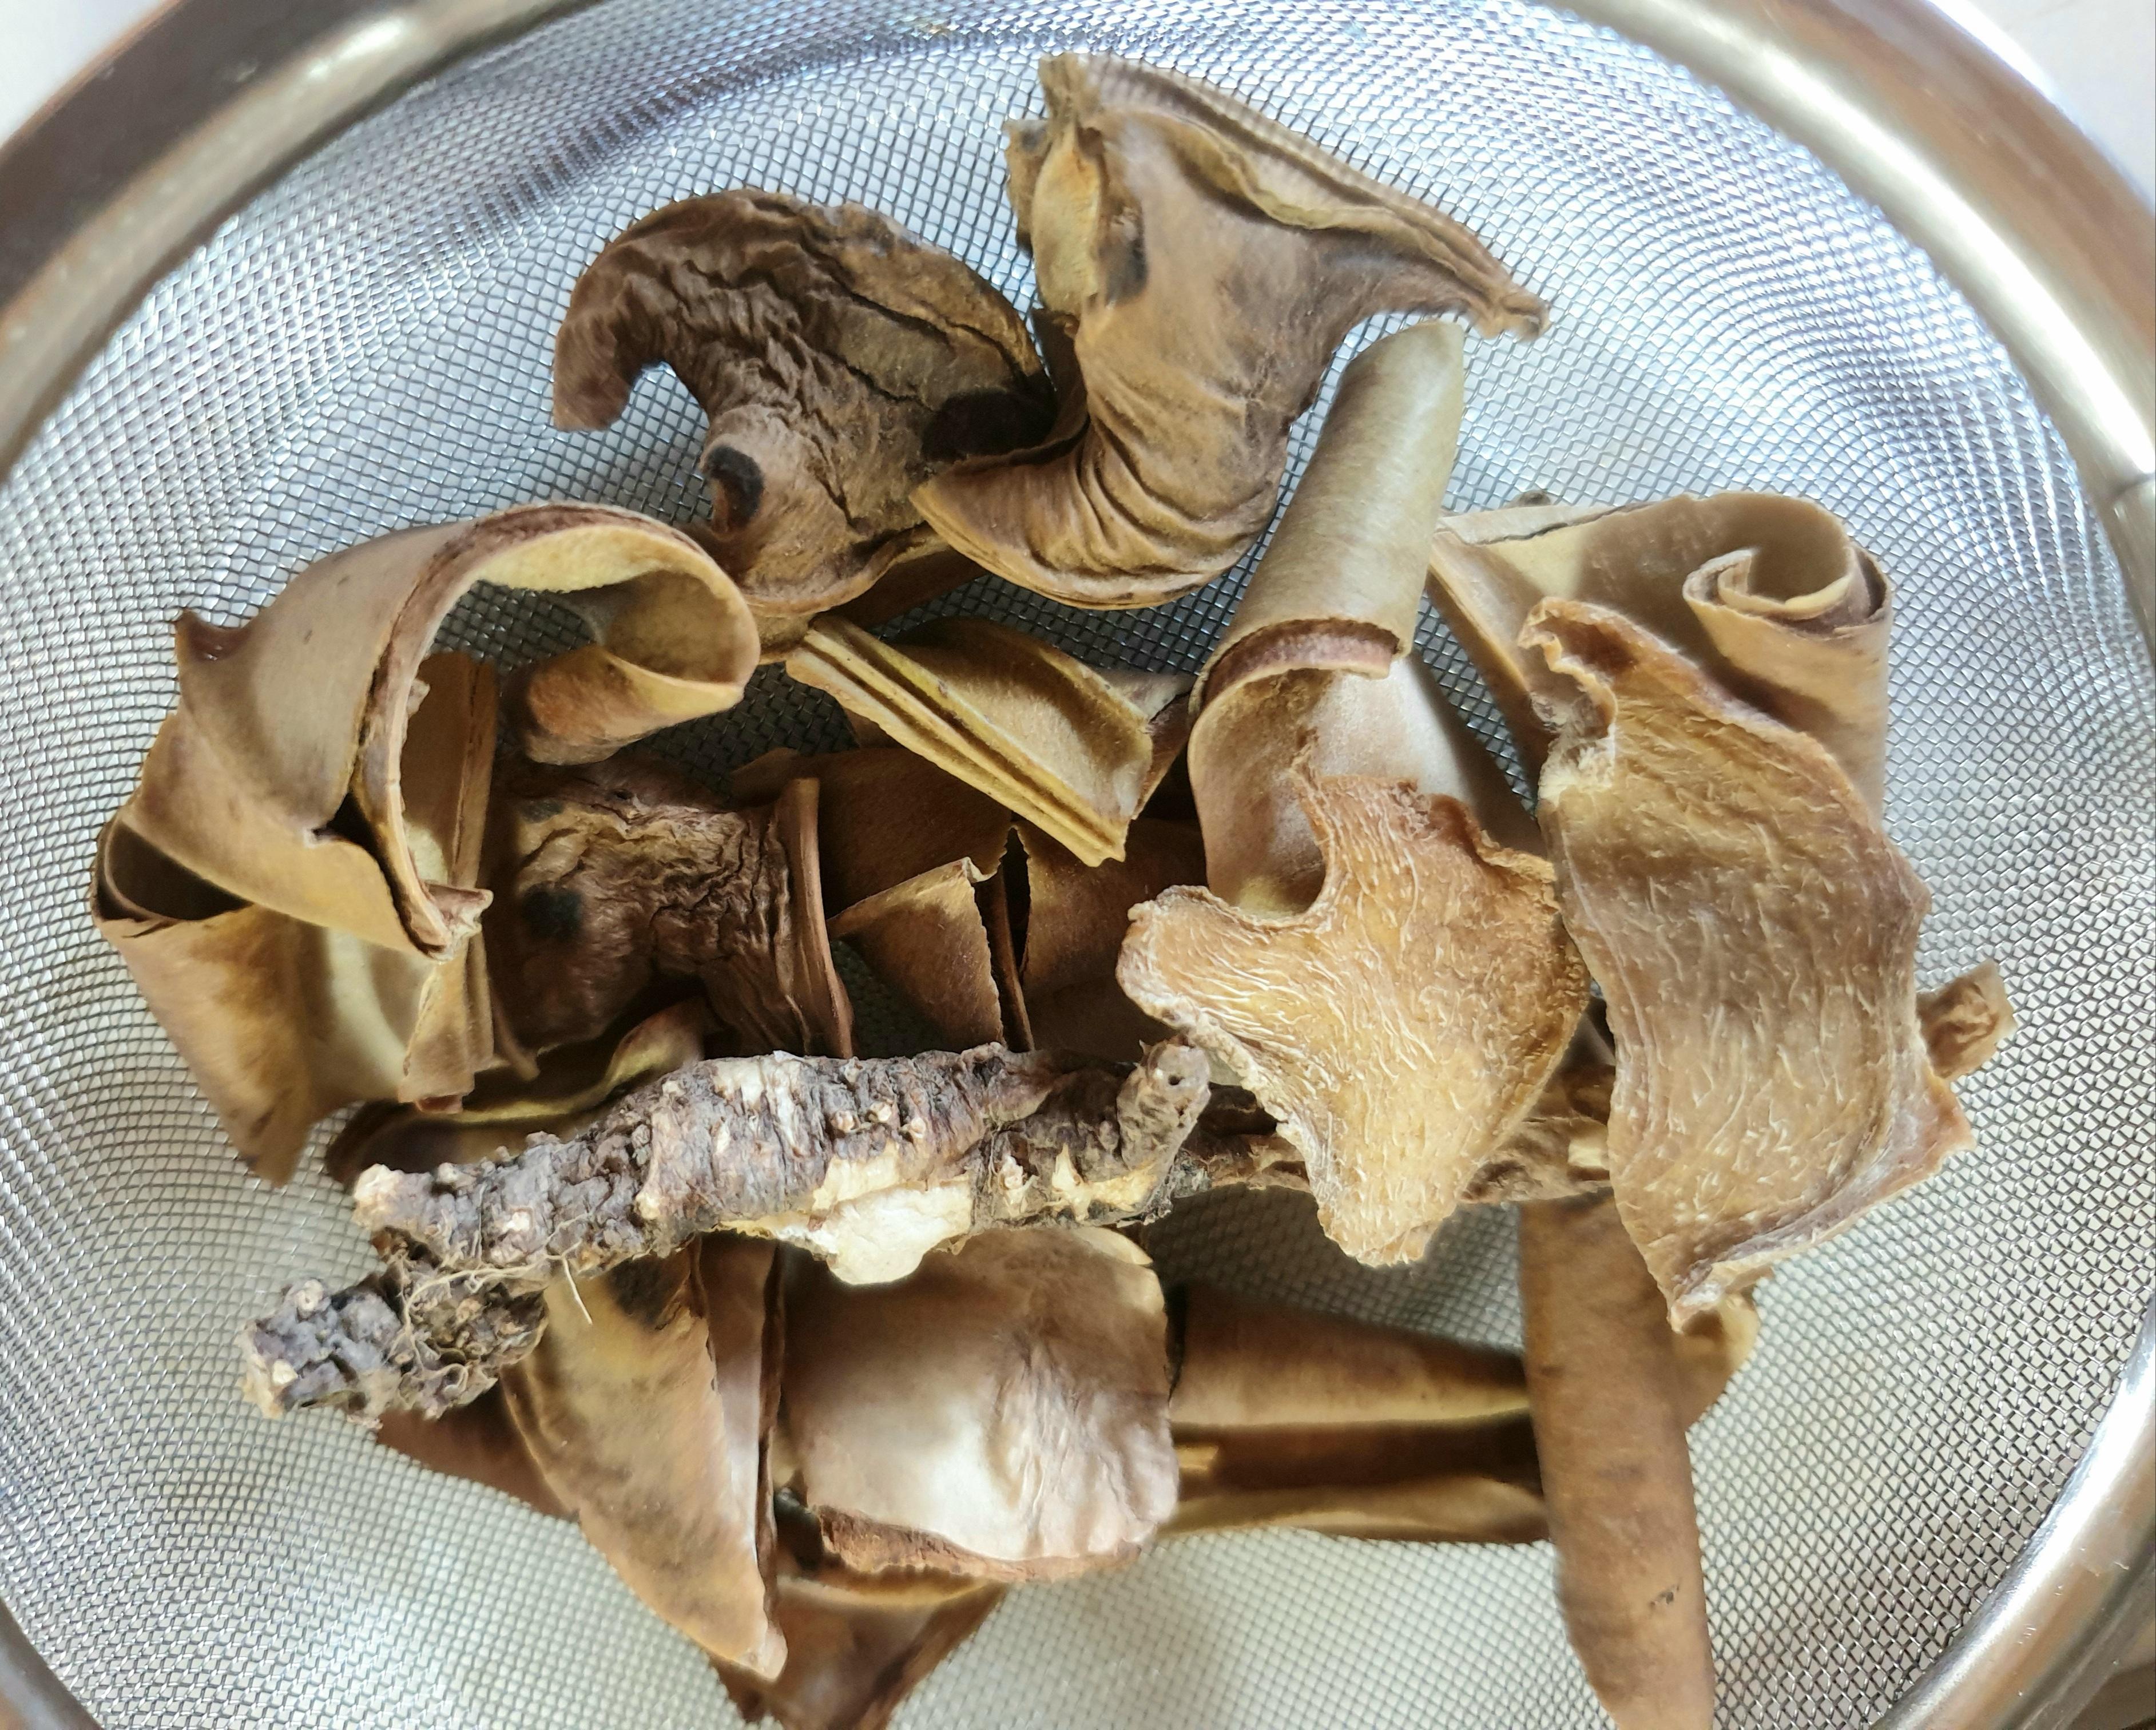 작두콩차 14깍지, 쪄서말인 생강 2조각, 야생 건도라지 한뿌리